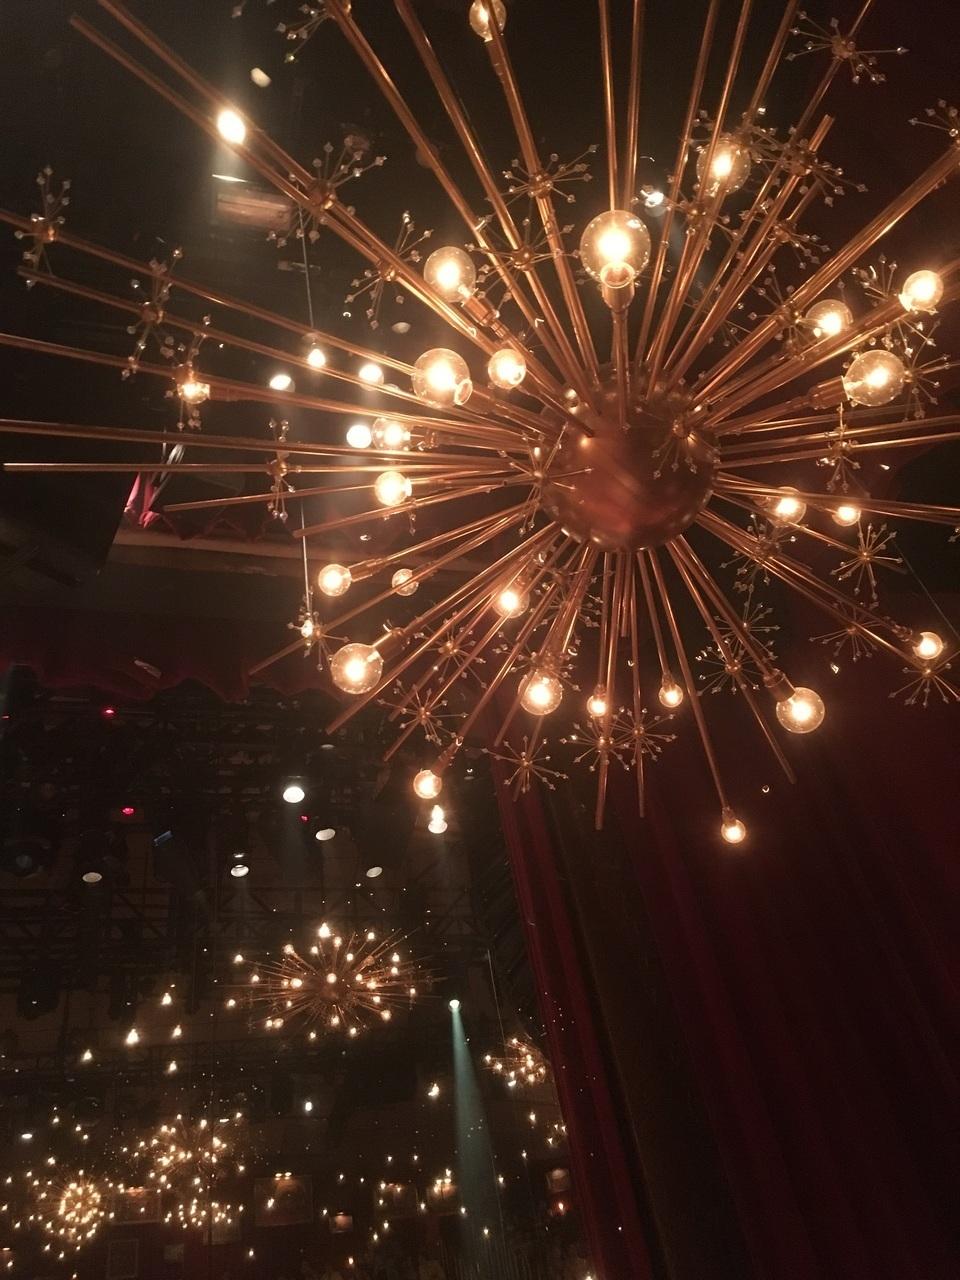 Great Comet Lighting Fixture Discovered